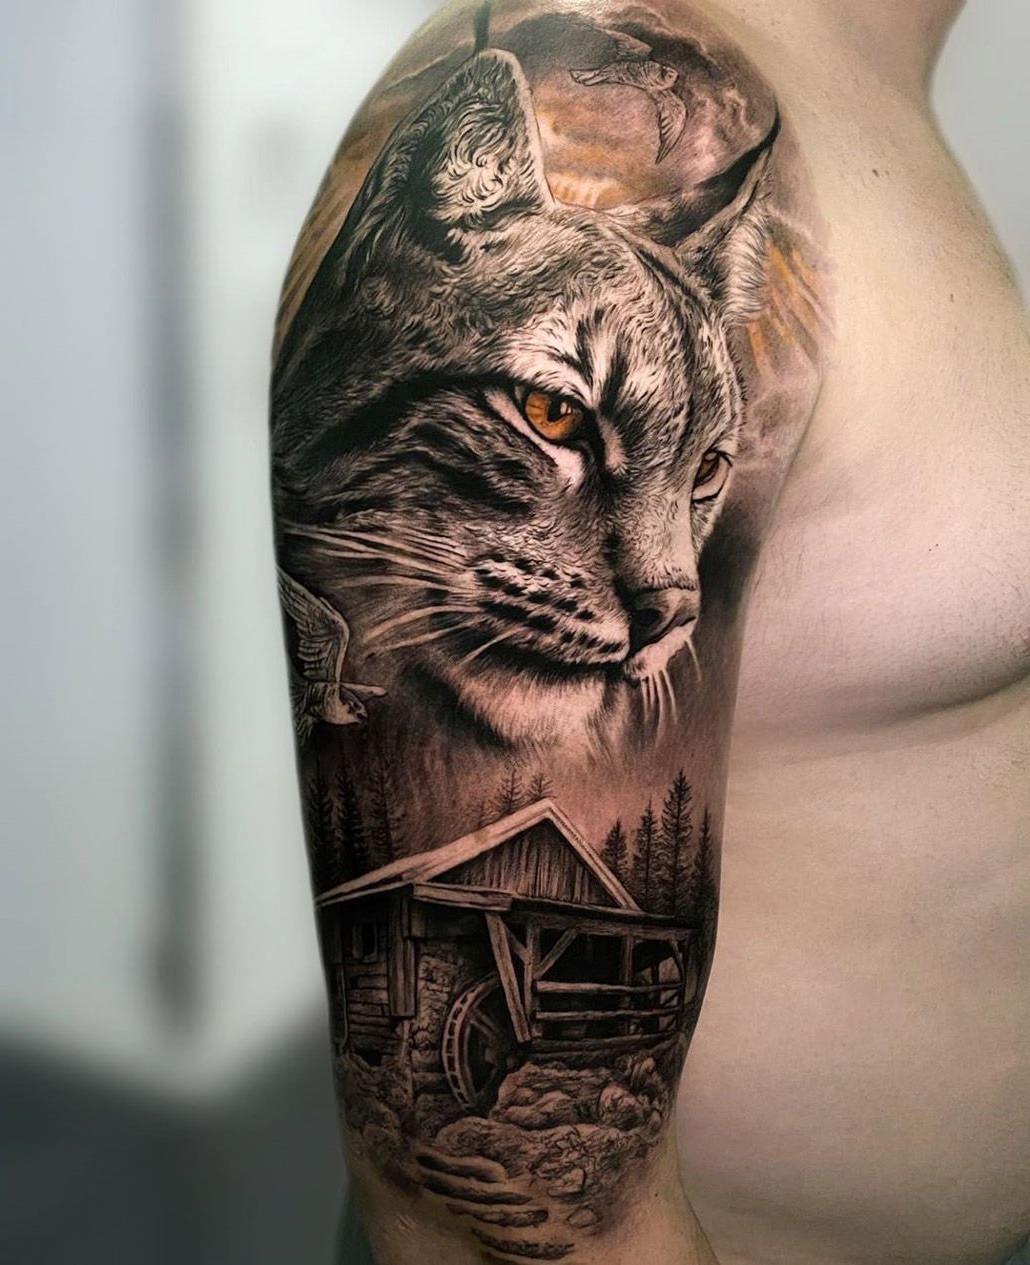 Lince tatuado no braço